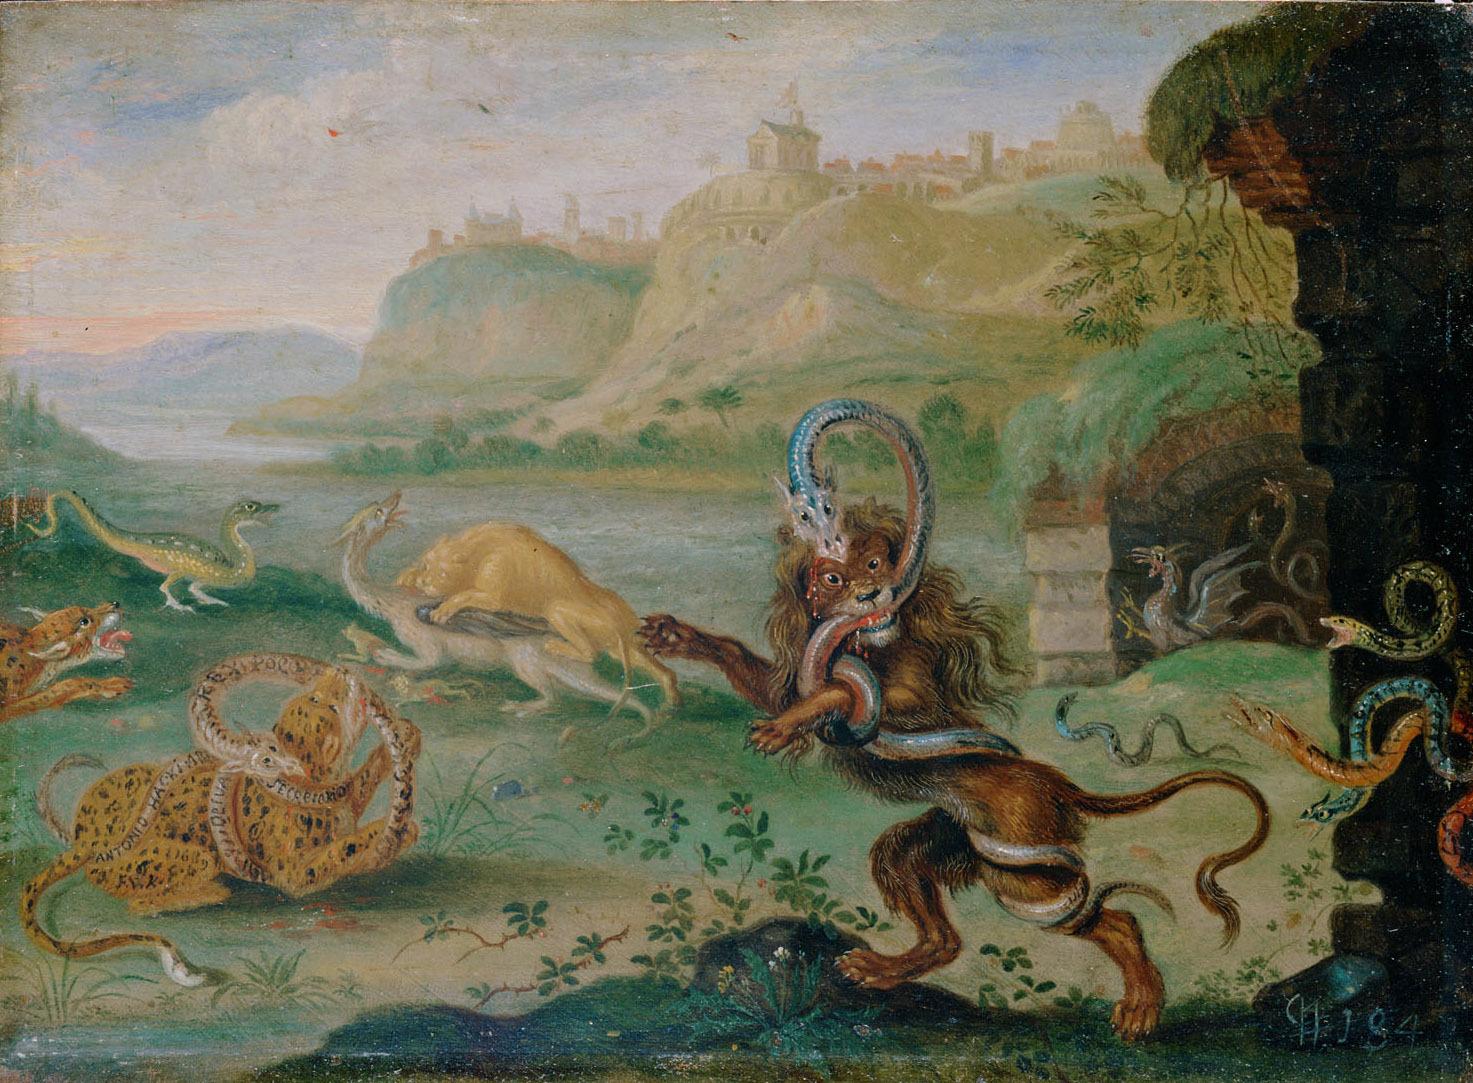 Ansichten aus den vier Weltteilen mit Szenen von Tieren: Sao Salvador do Congo von Ferdinand van Kessel